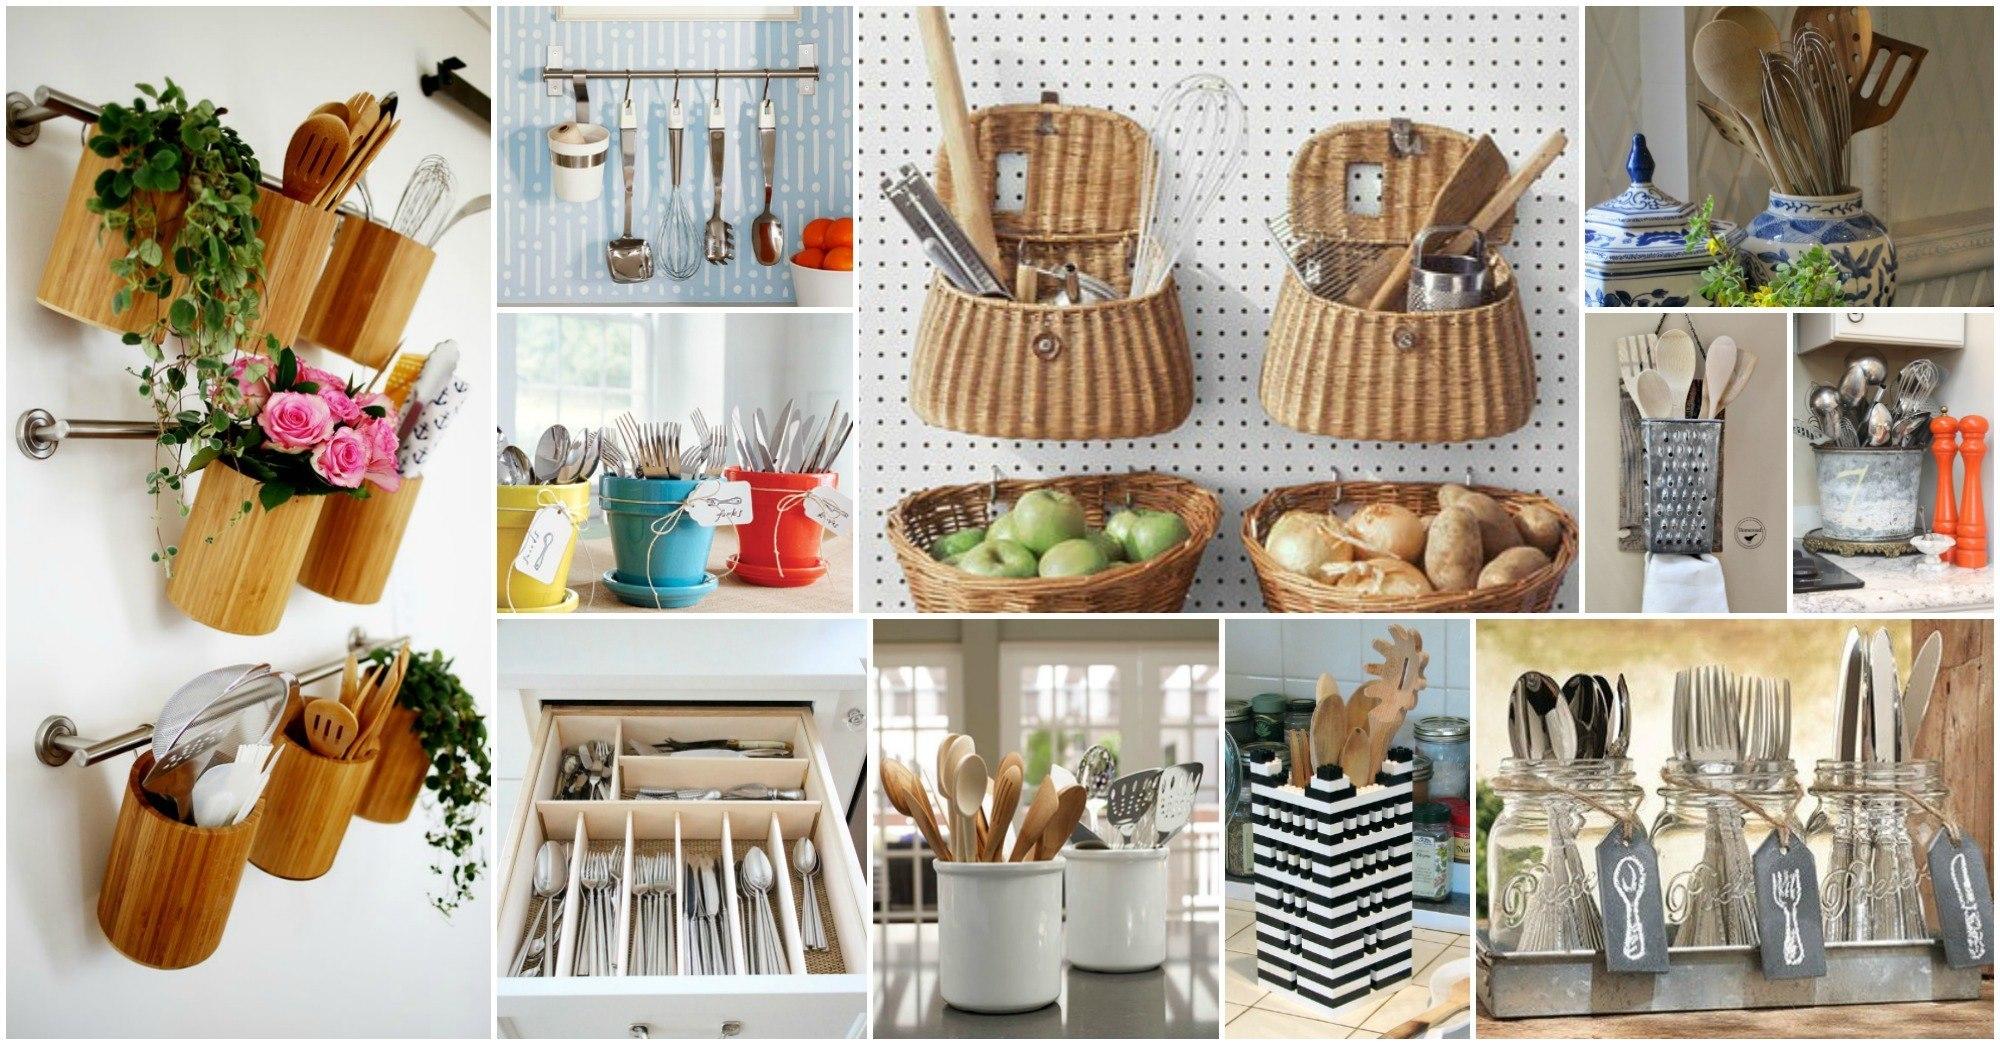 Ingeniosas formas para organizar los utensilios de cocina for Utensilios para cocina